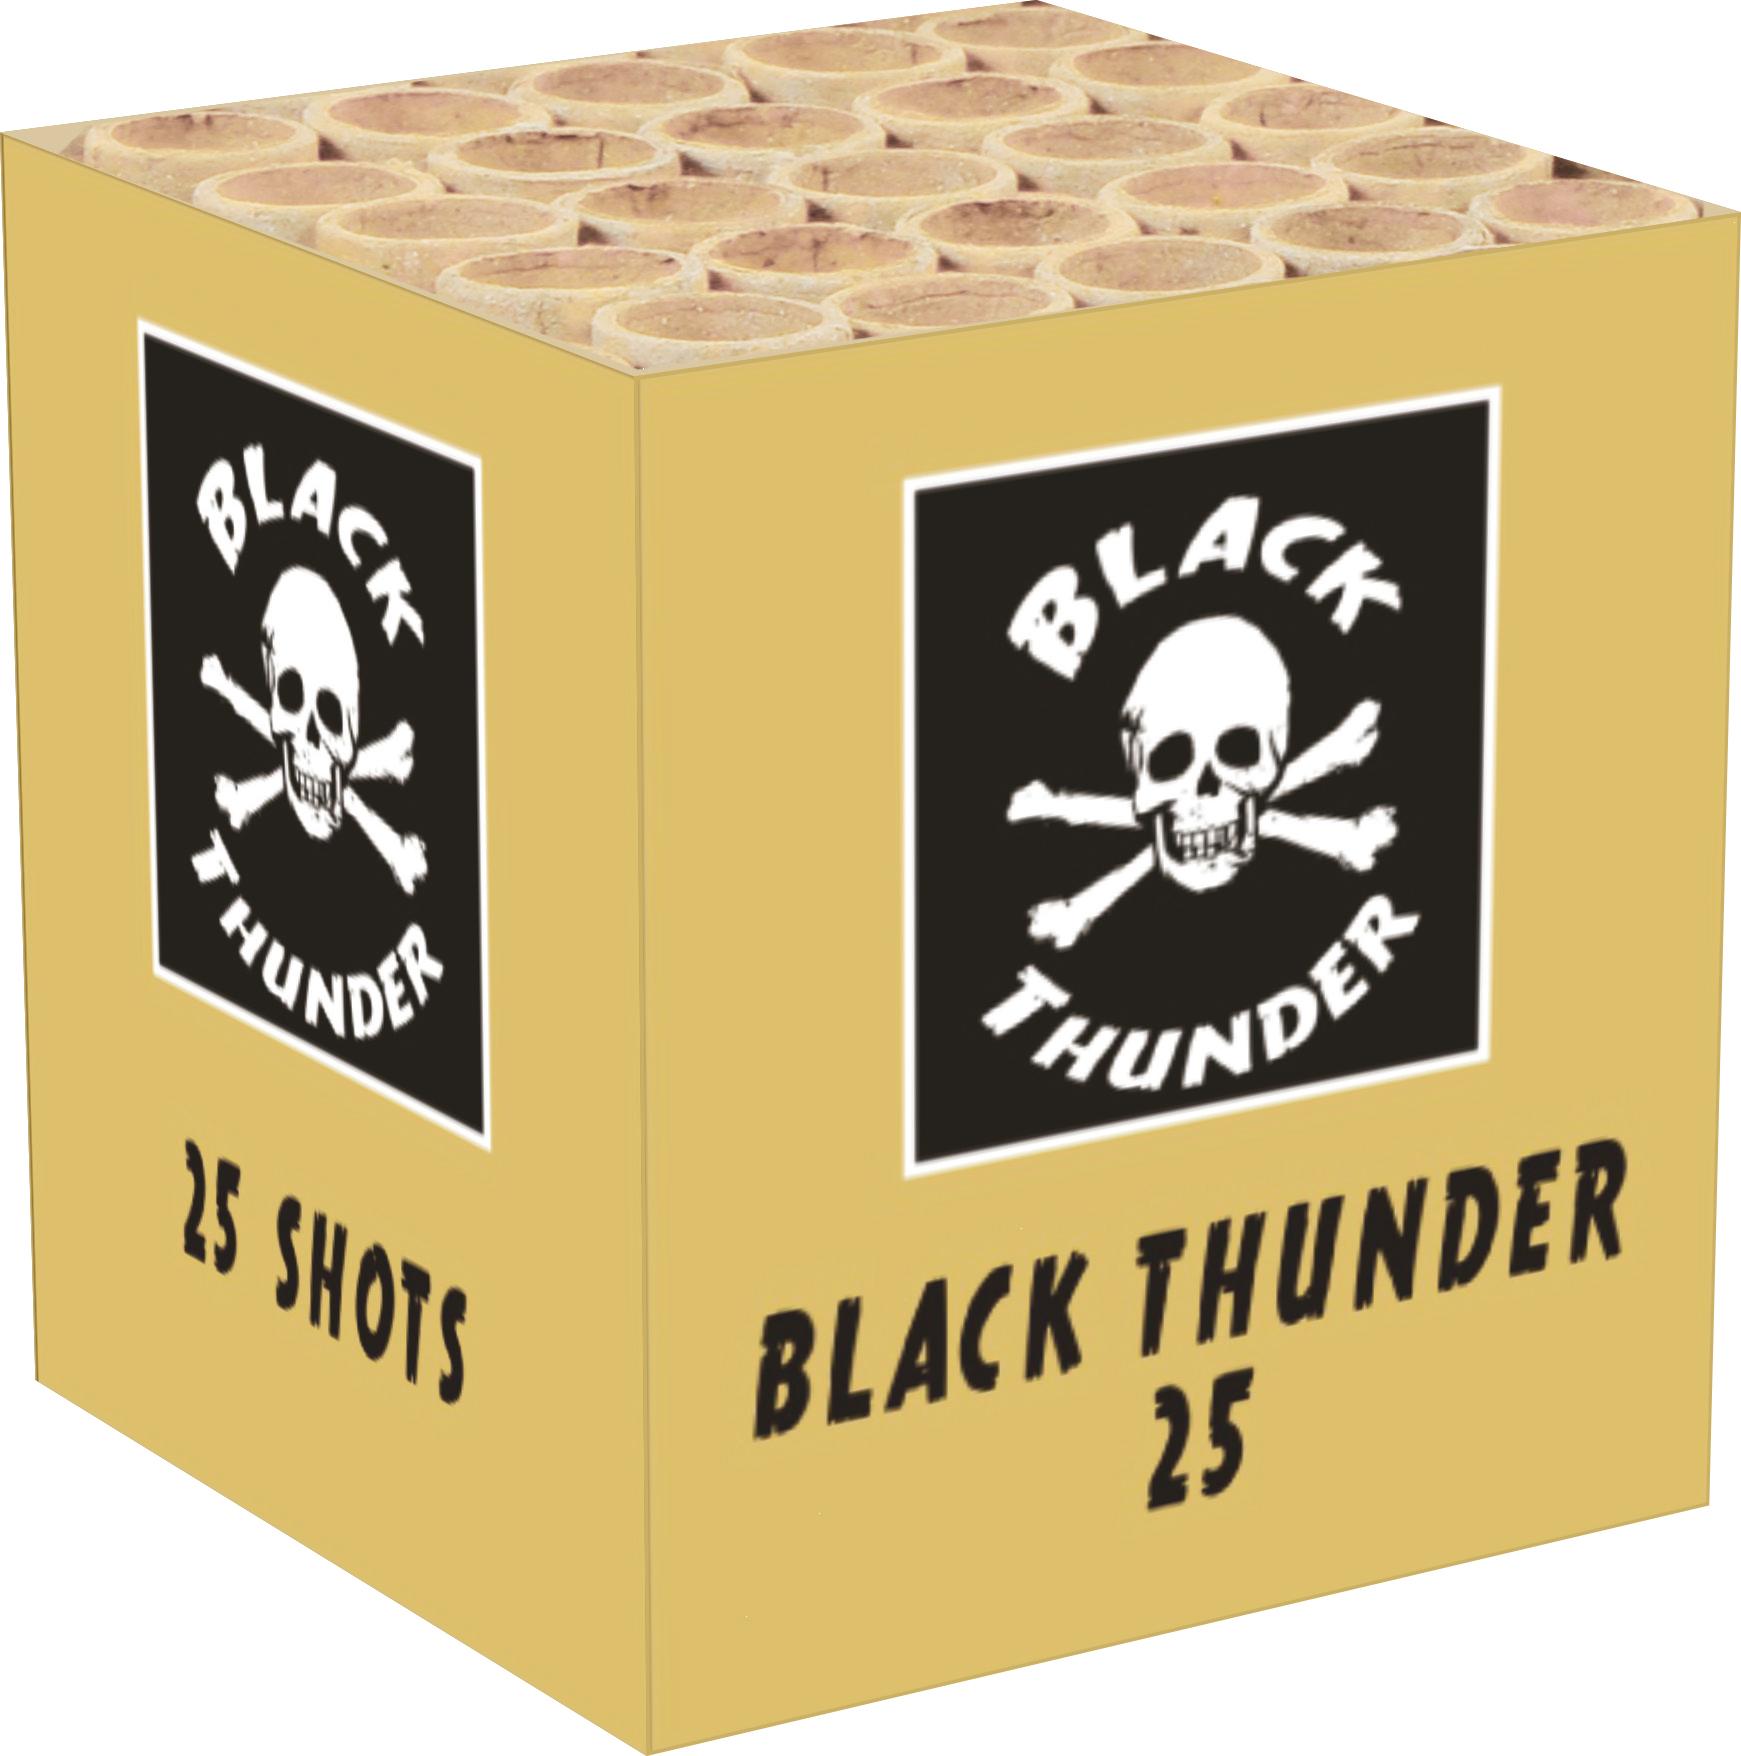 Black thunder 25 cake